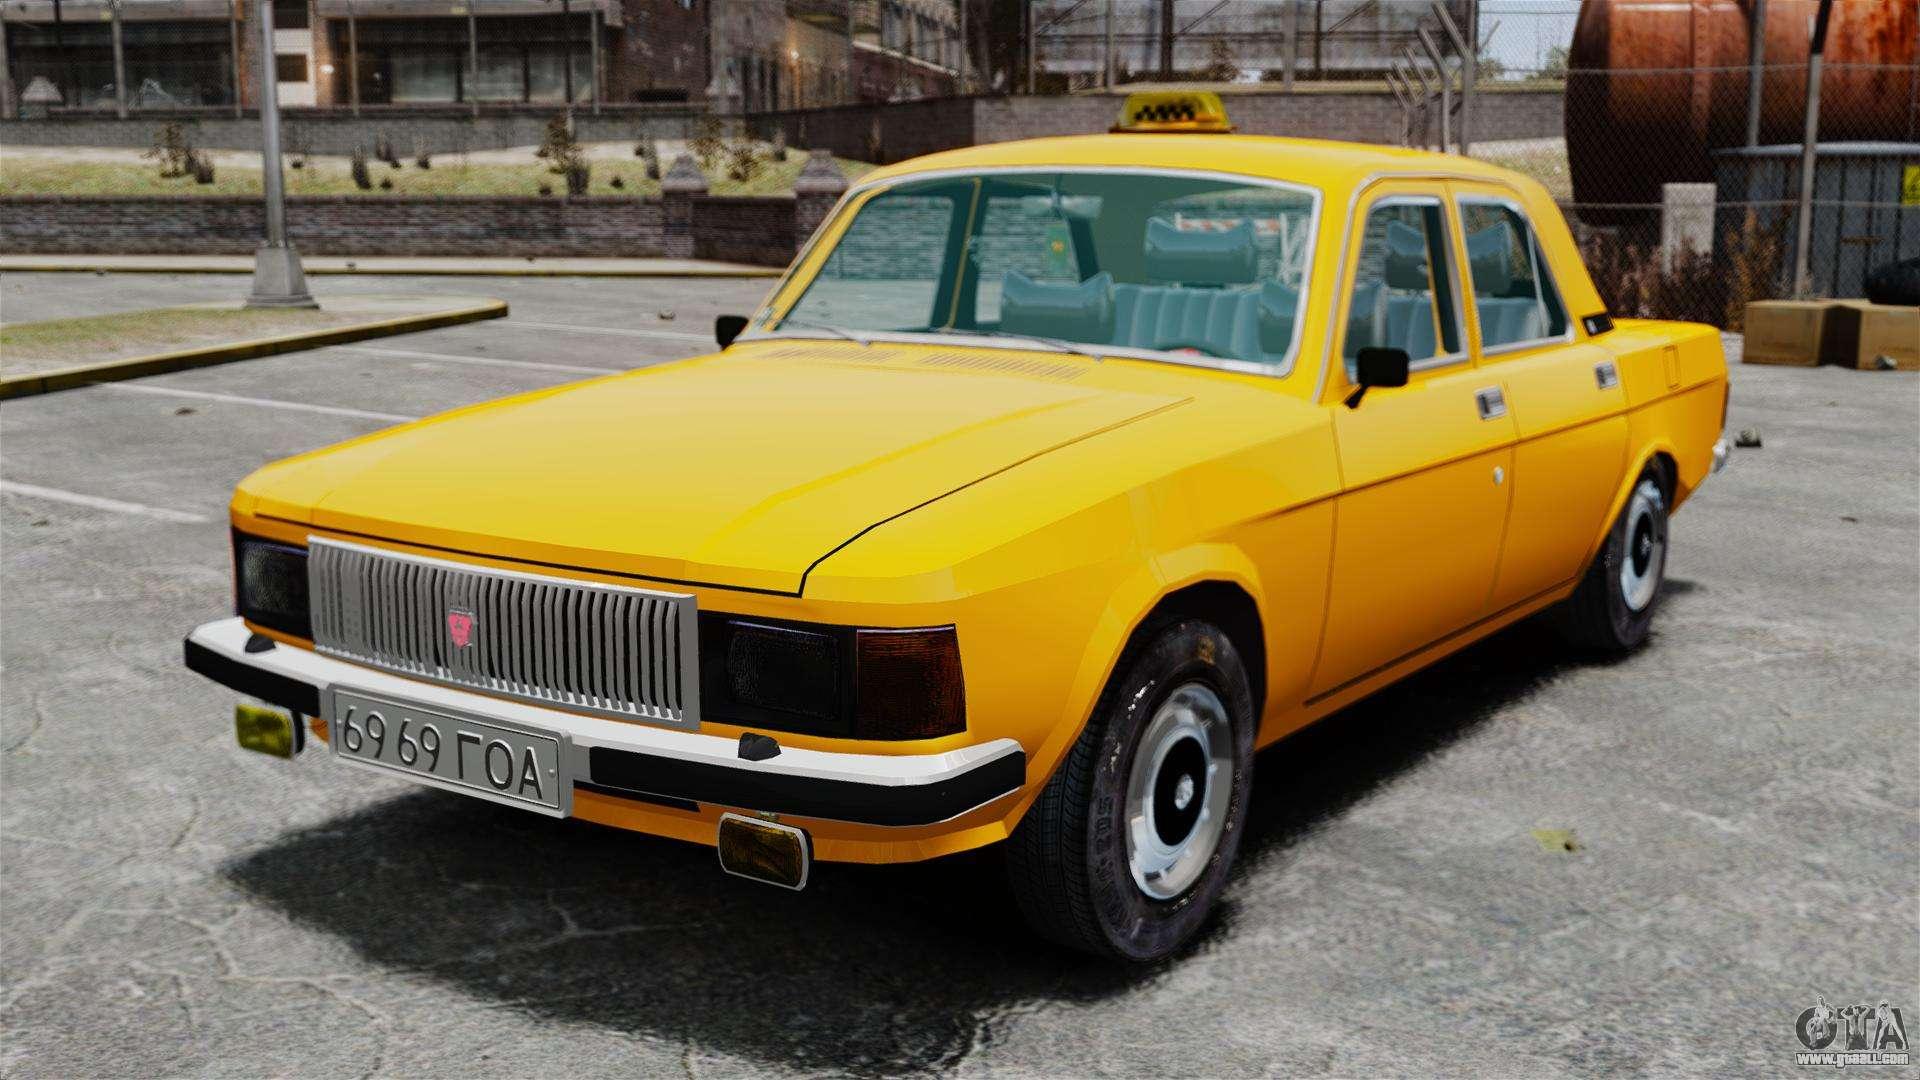 gaz 3102 taxi for gta 4. Black Bedroom Furniture Sets. Home Design Ideas